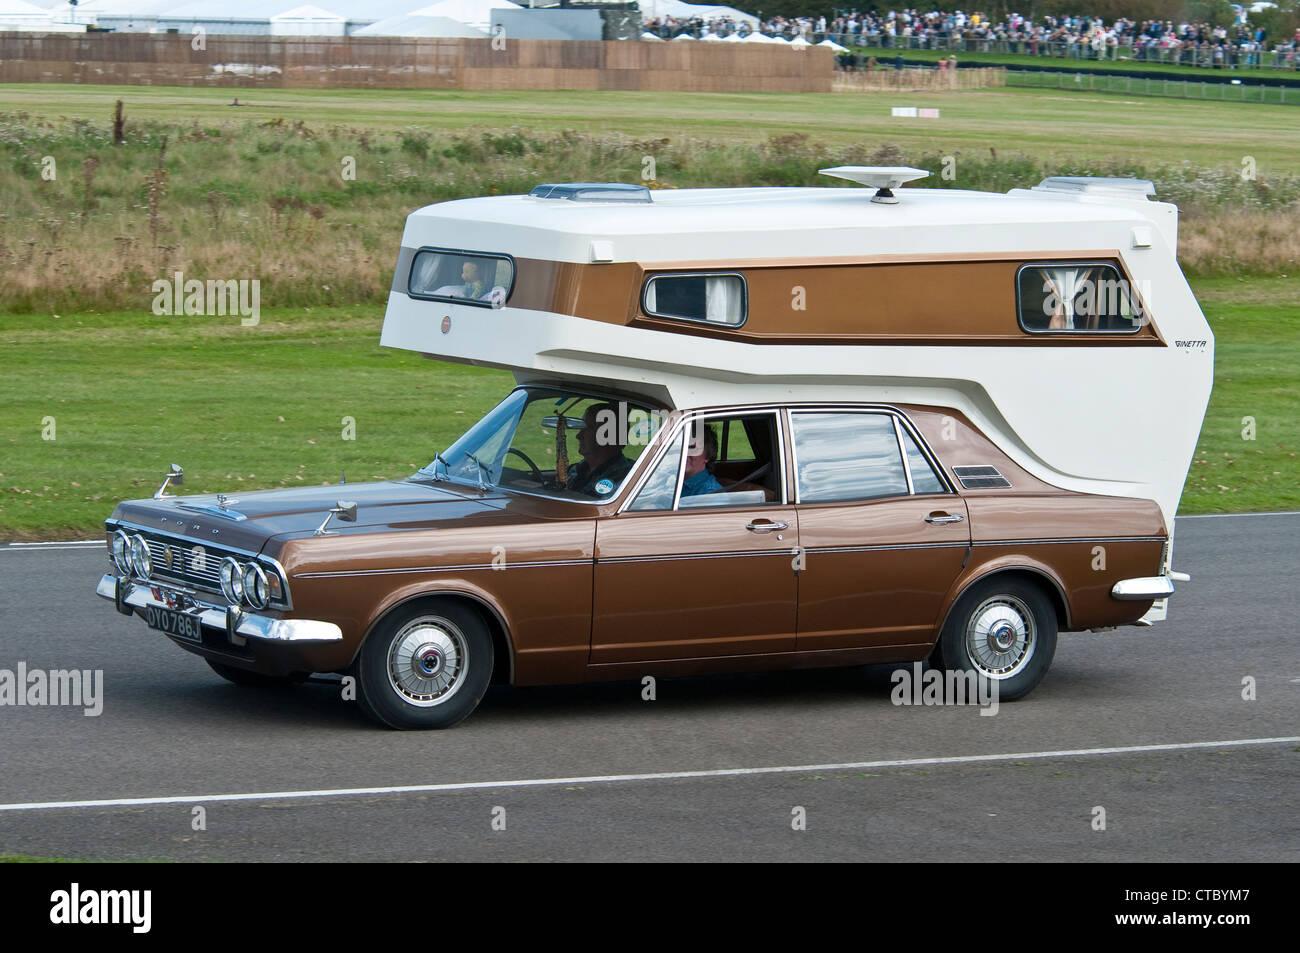 1970 ford zephyr camper stock photo 49435687 alamy. Black Bedroom Furniture Sets. Home Design Ideas